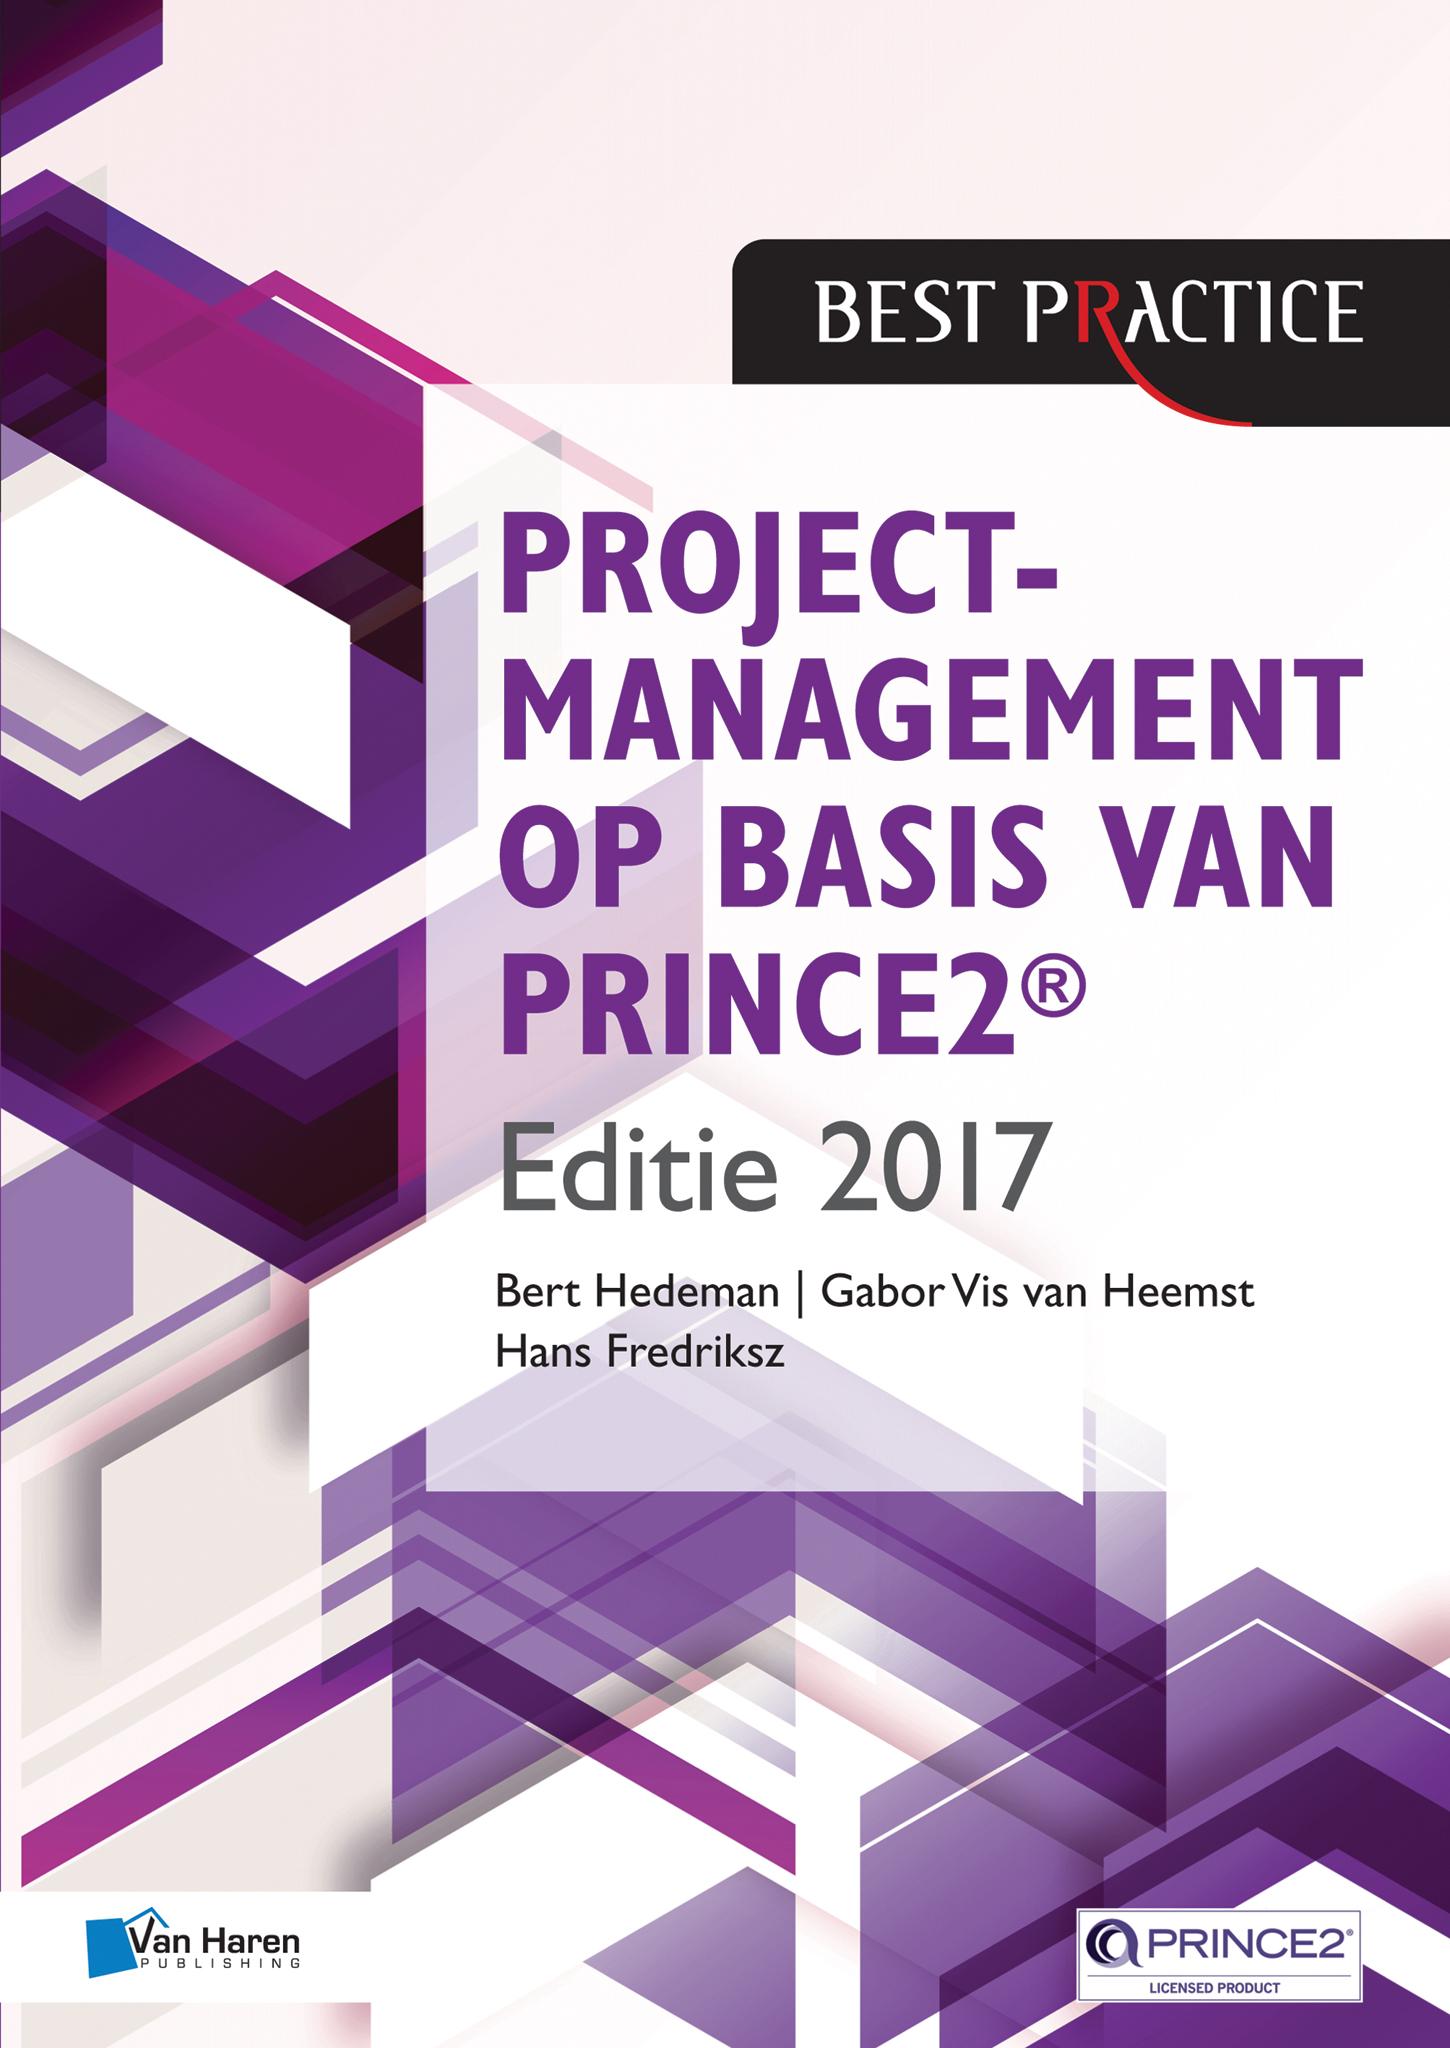 PRINC2